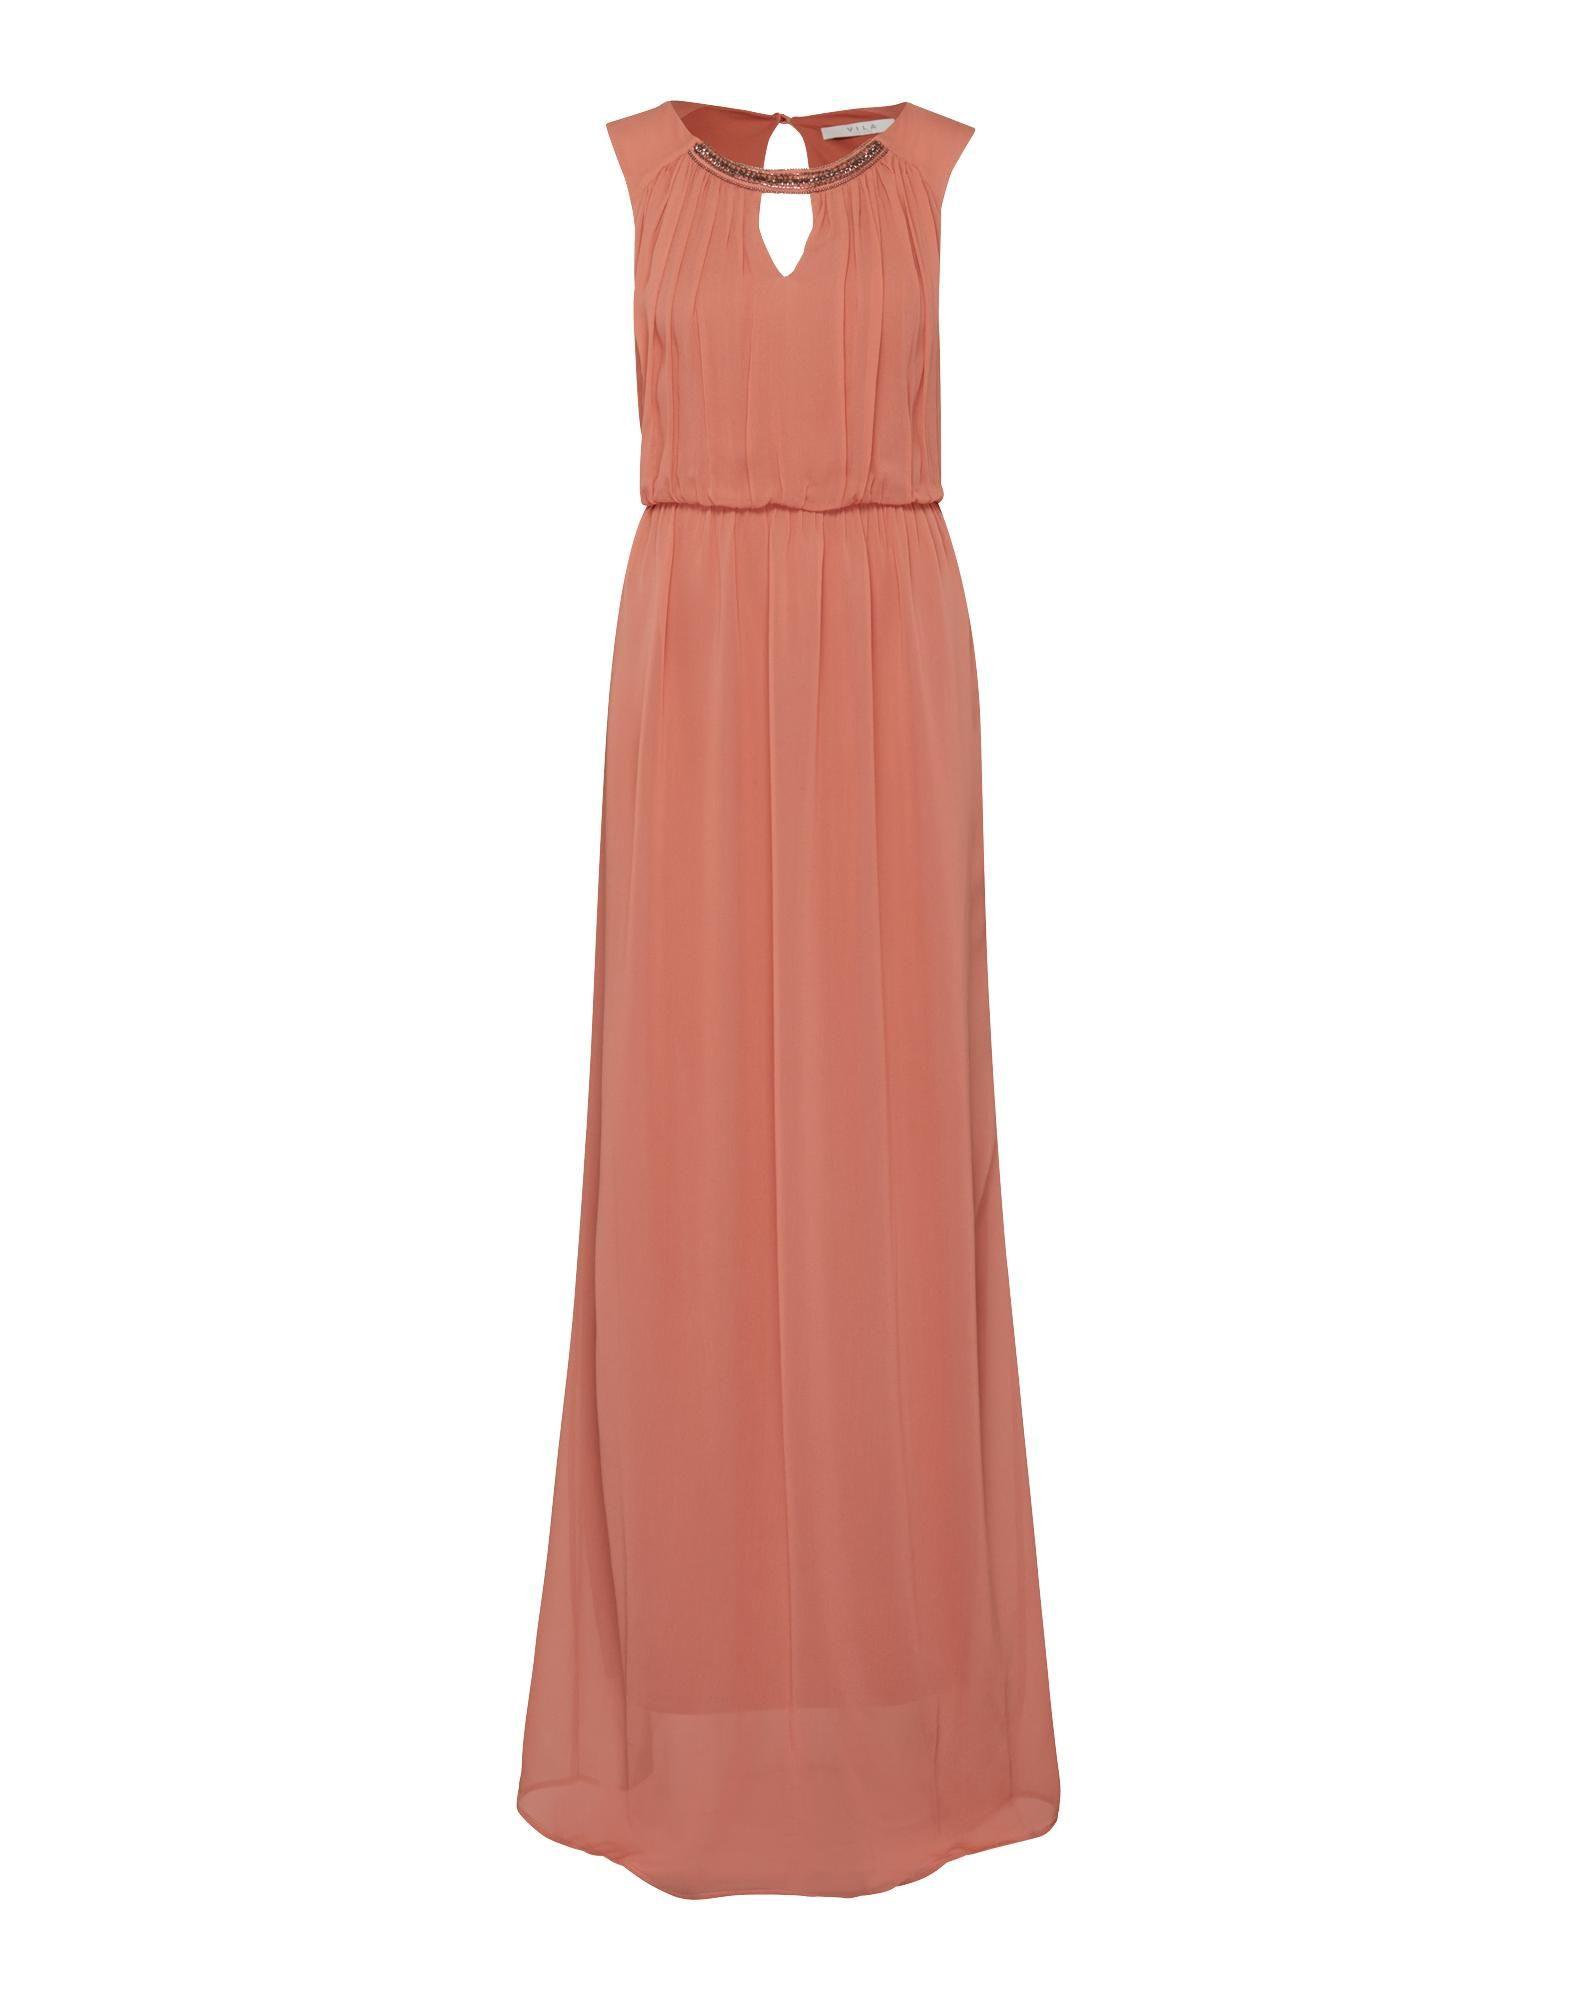 Designer Erstaunlich About You Abendkleid BoutiqueFormal Elegant About You Abendkleid Vertrieb